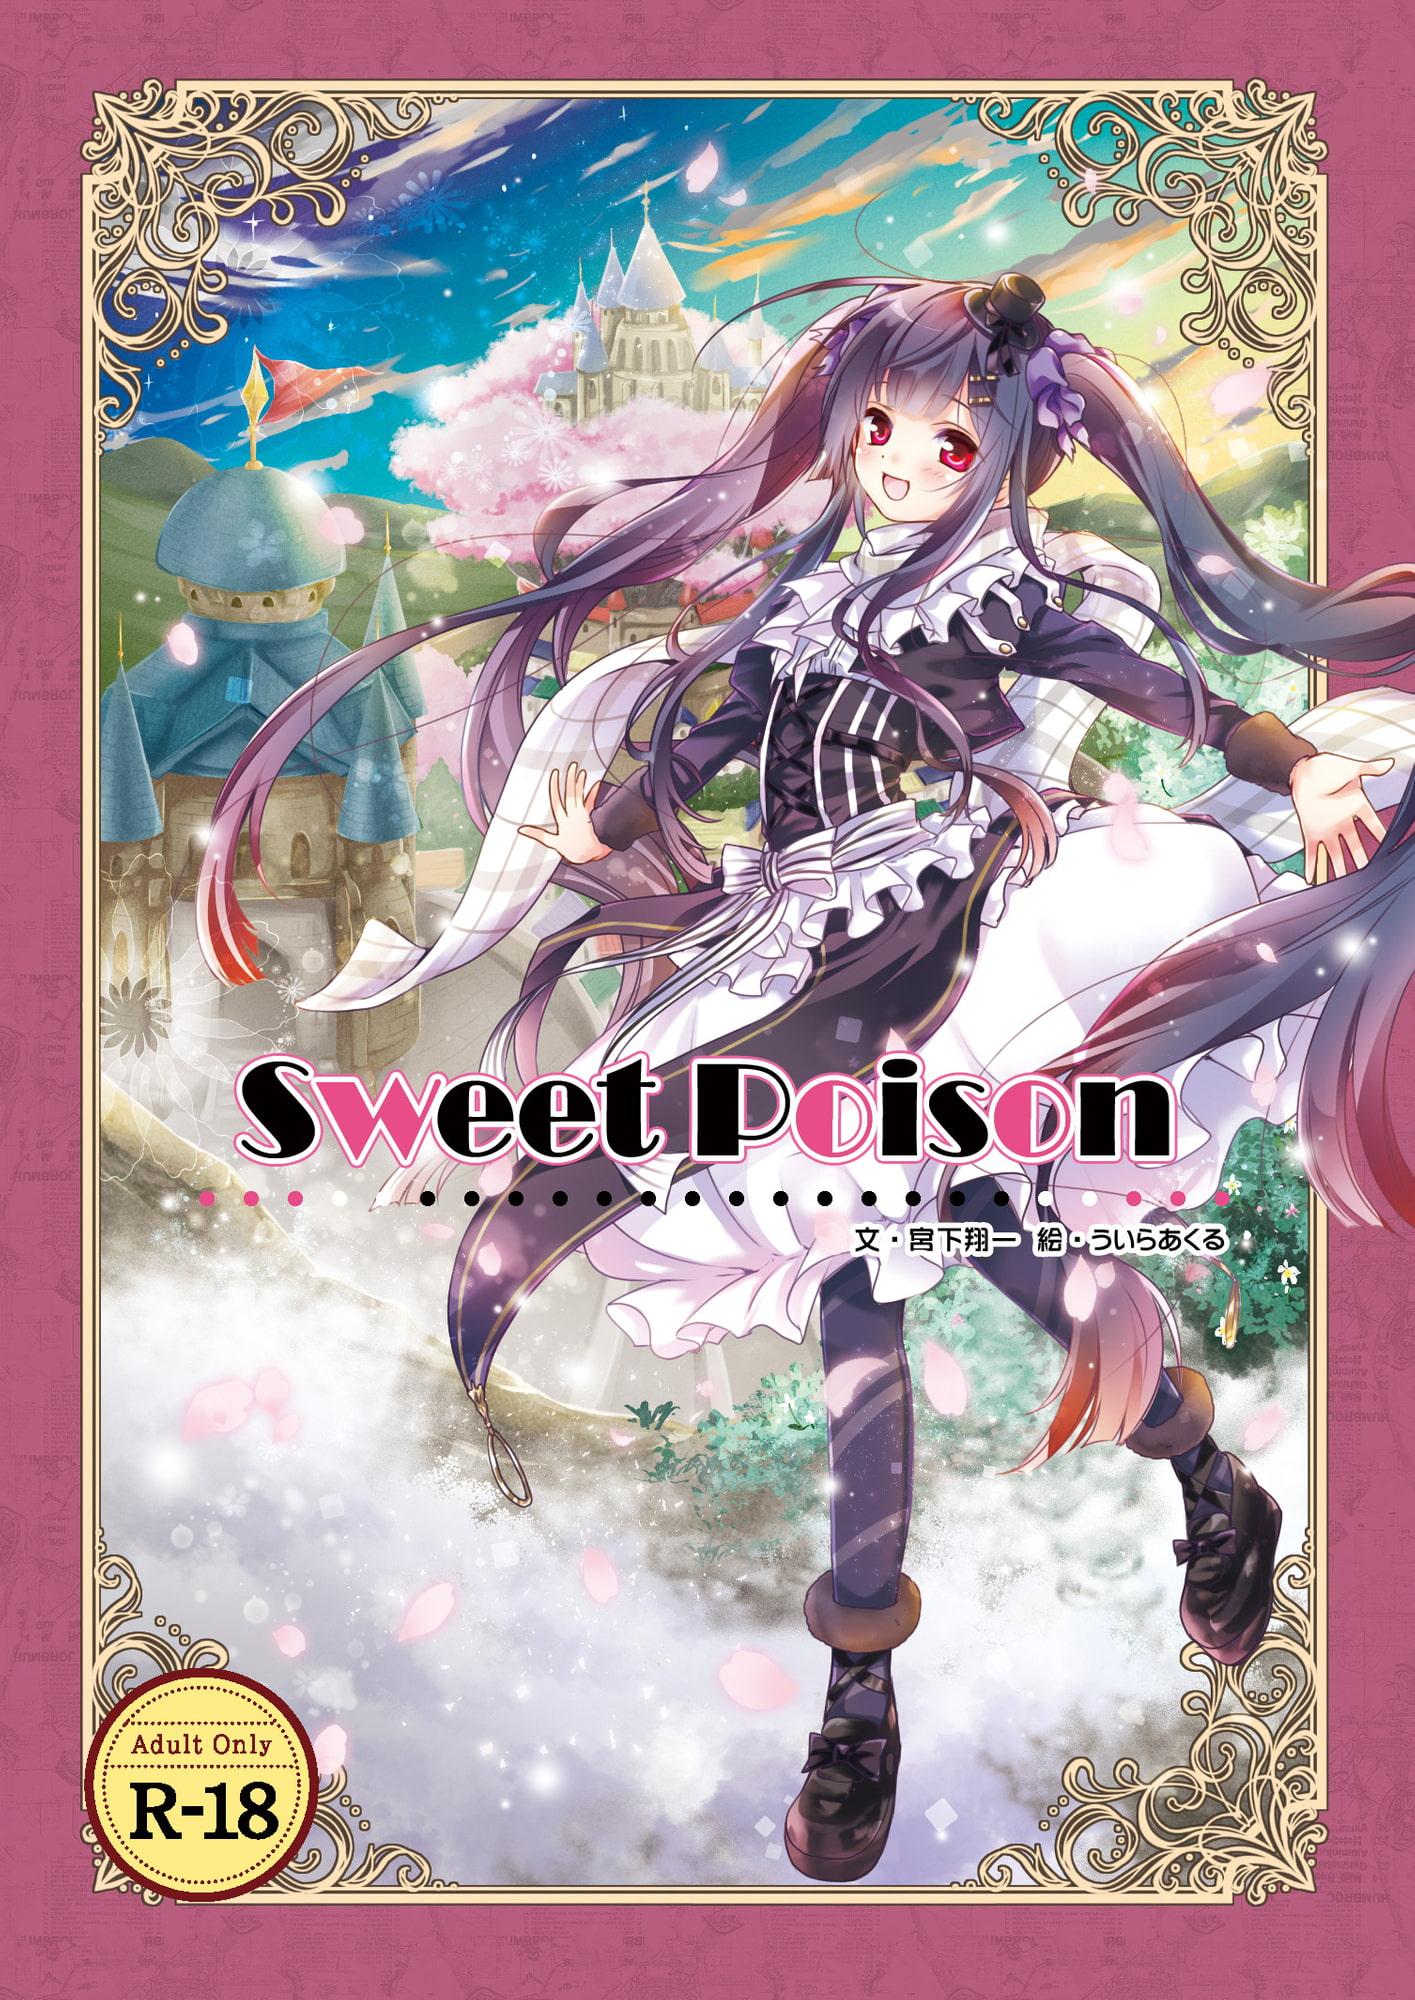 RJ326024 Sweet Poison [20210502]